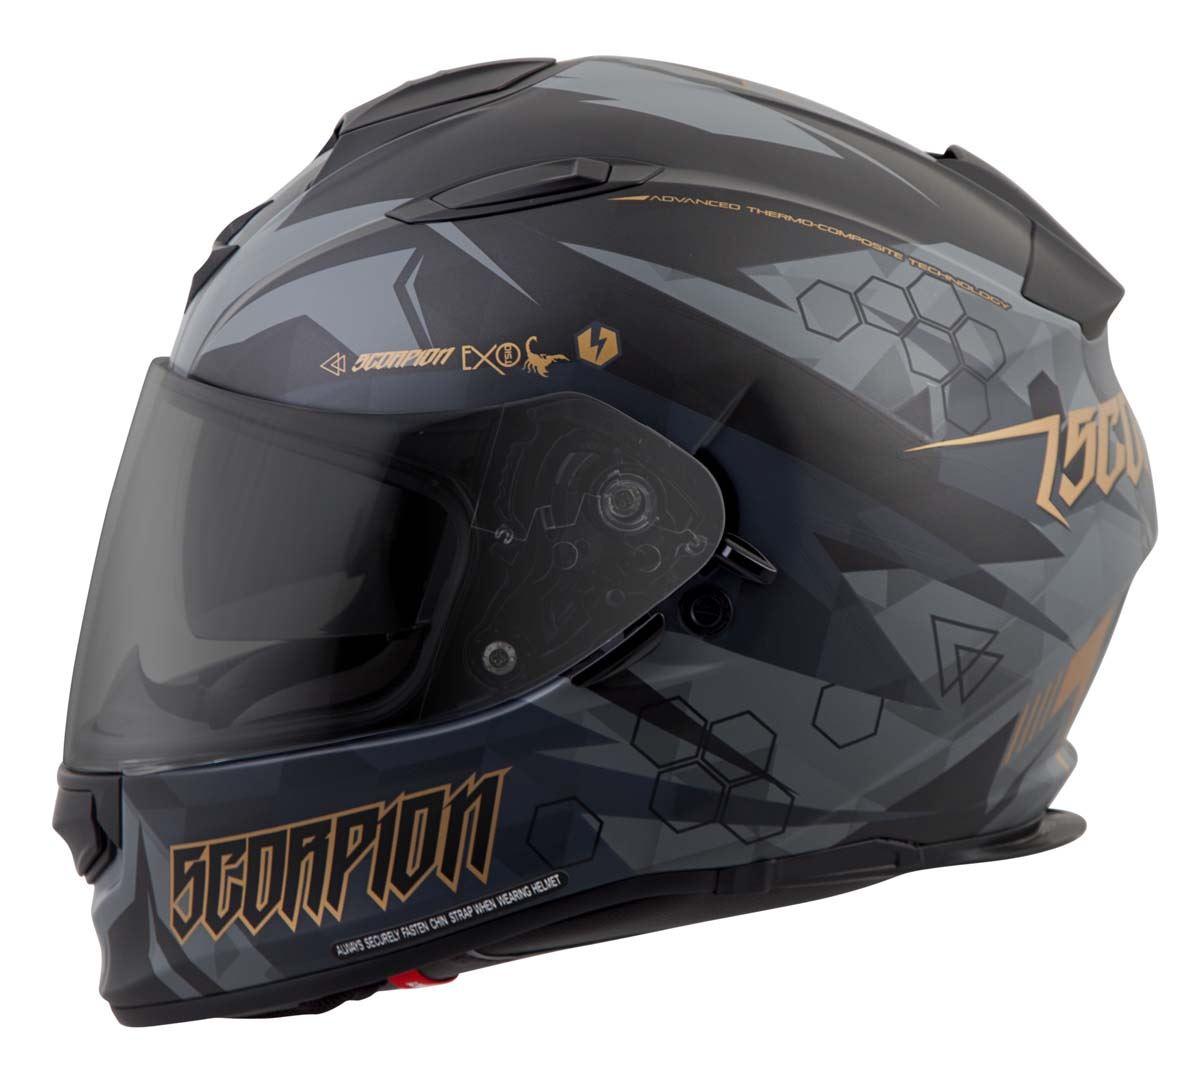 Scorpion-EXO-T510-Helmet-Full-Face-DOT-Approved-Inner-Sun-Shield miniature 44